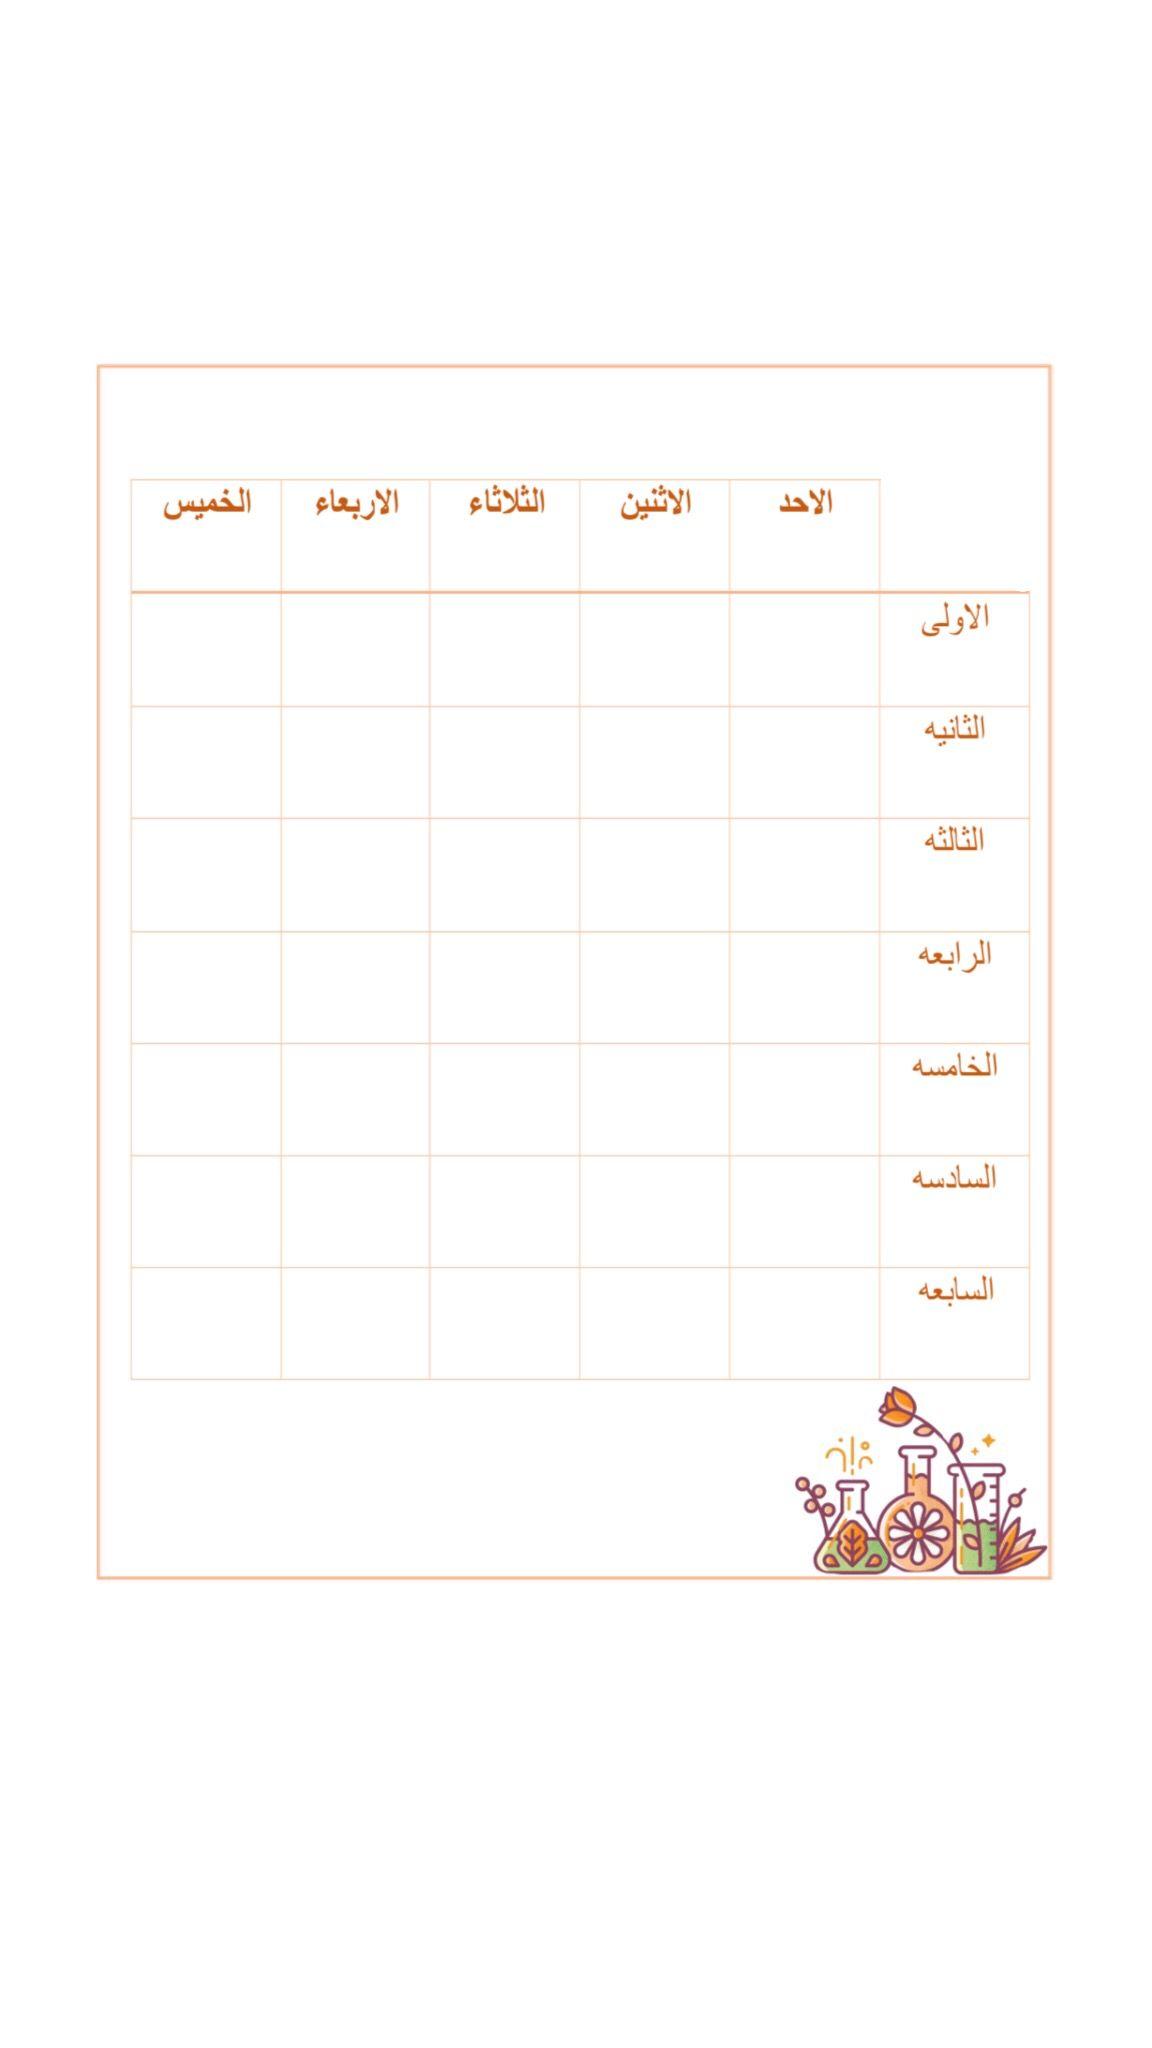 جدول حصص A5 Planner Printables Free A5 Planner Printables Planner Printables Free